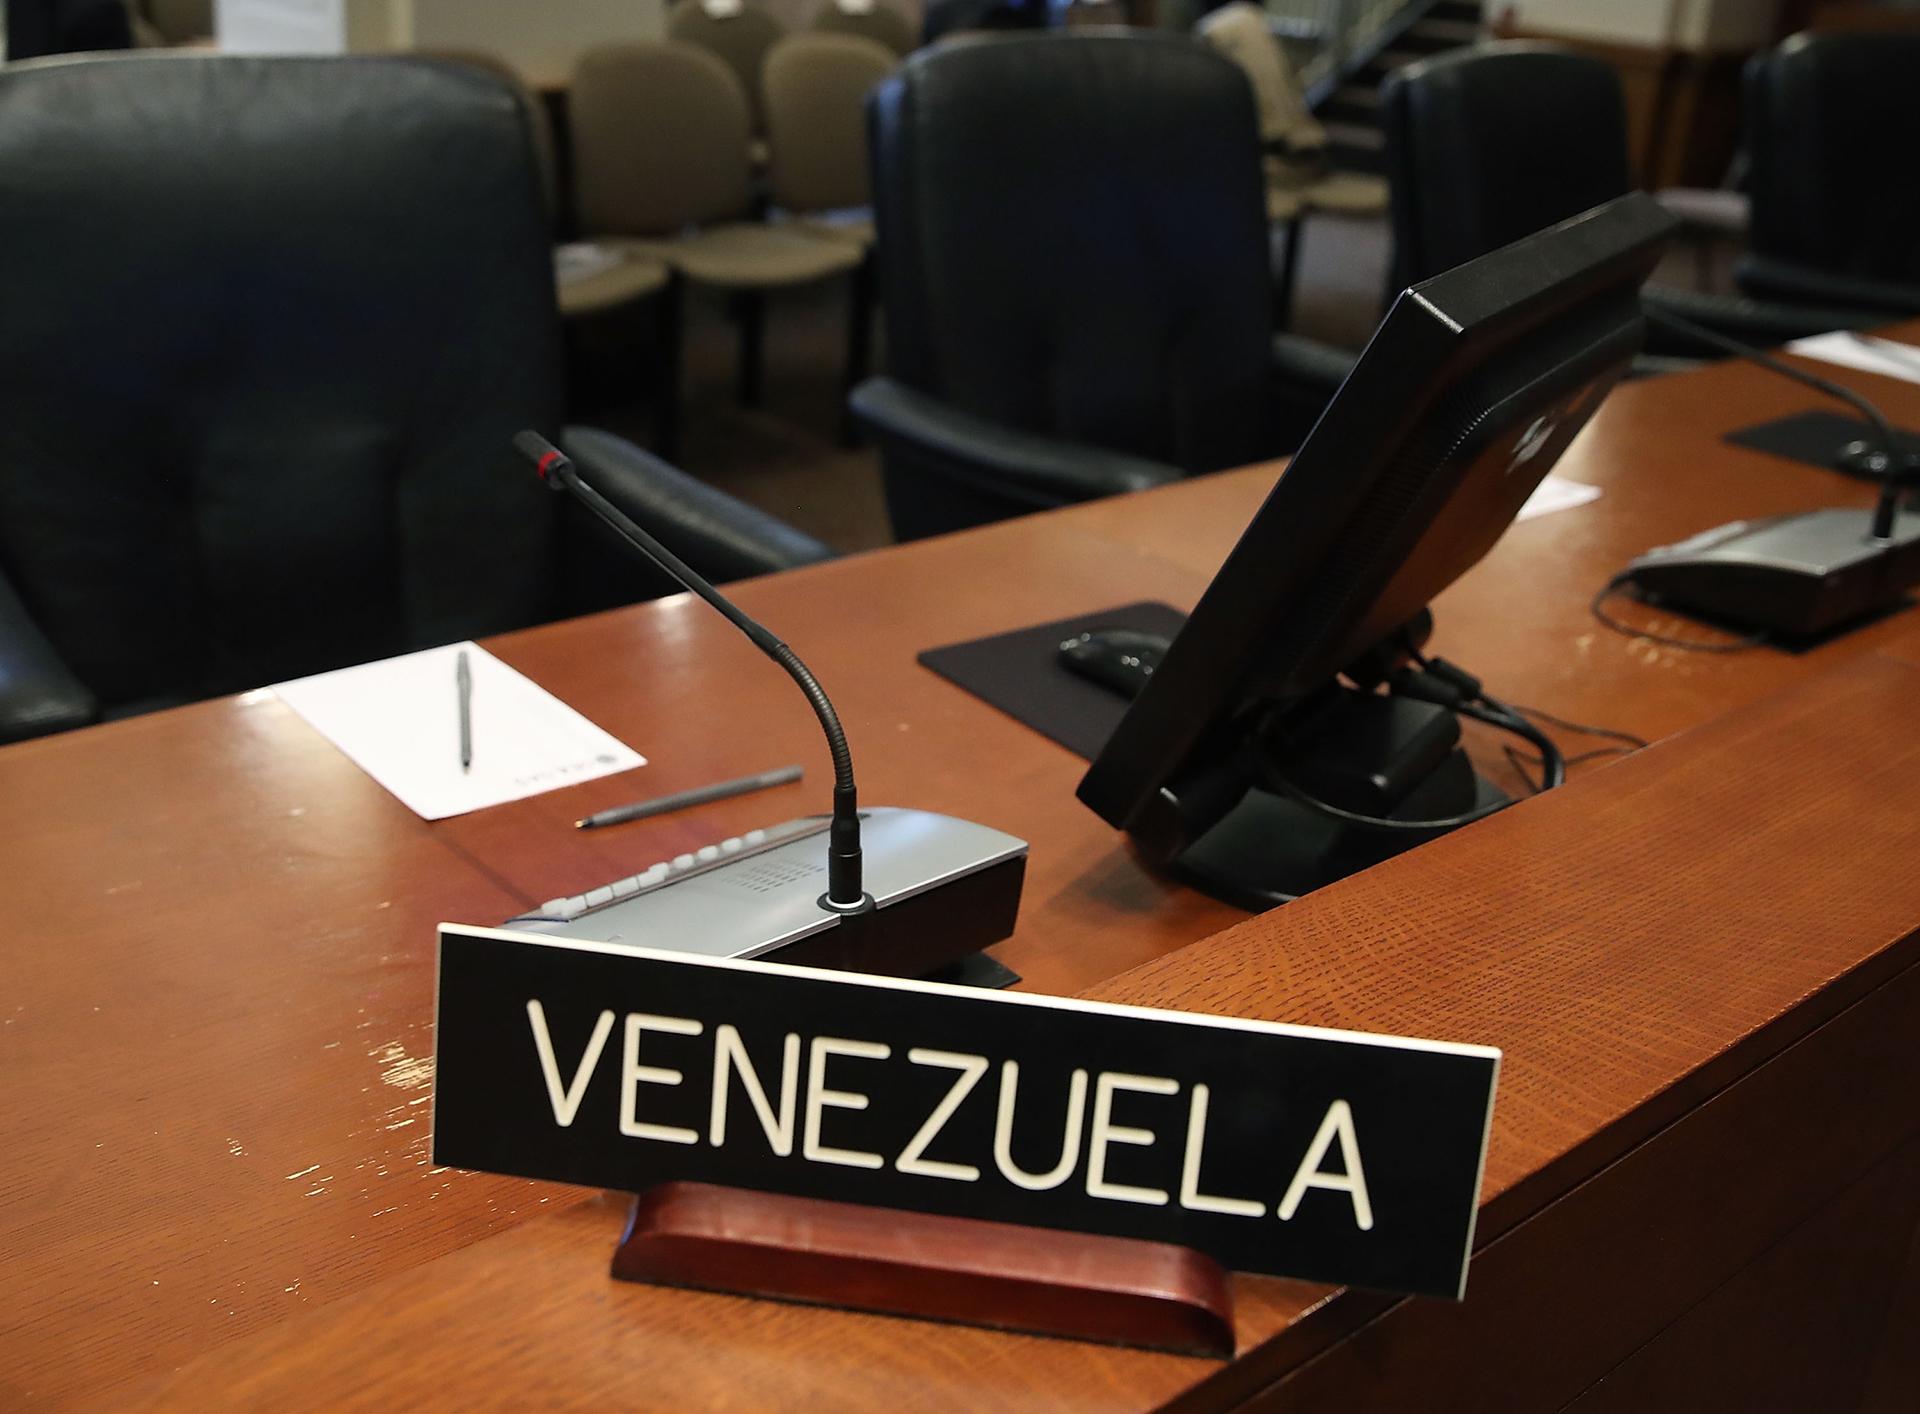 La OEA desconoció el segundo mandato de Nicolás Maduro el 10 de enero pasado